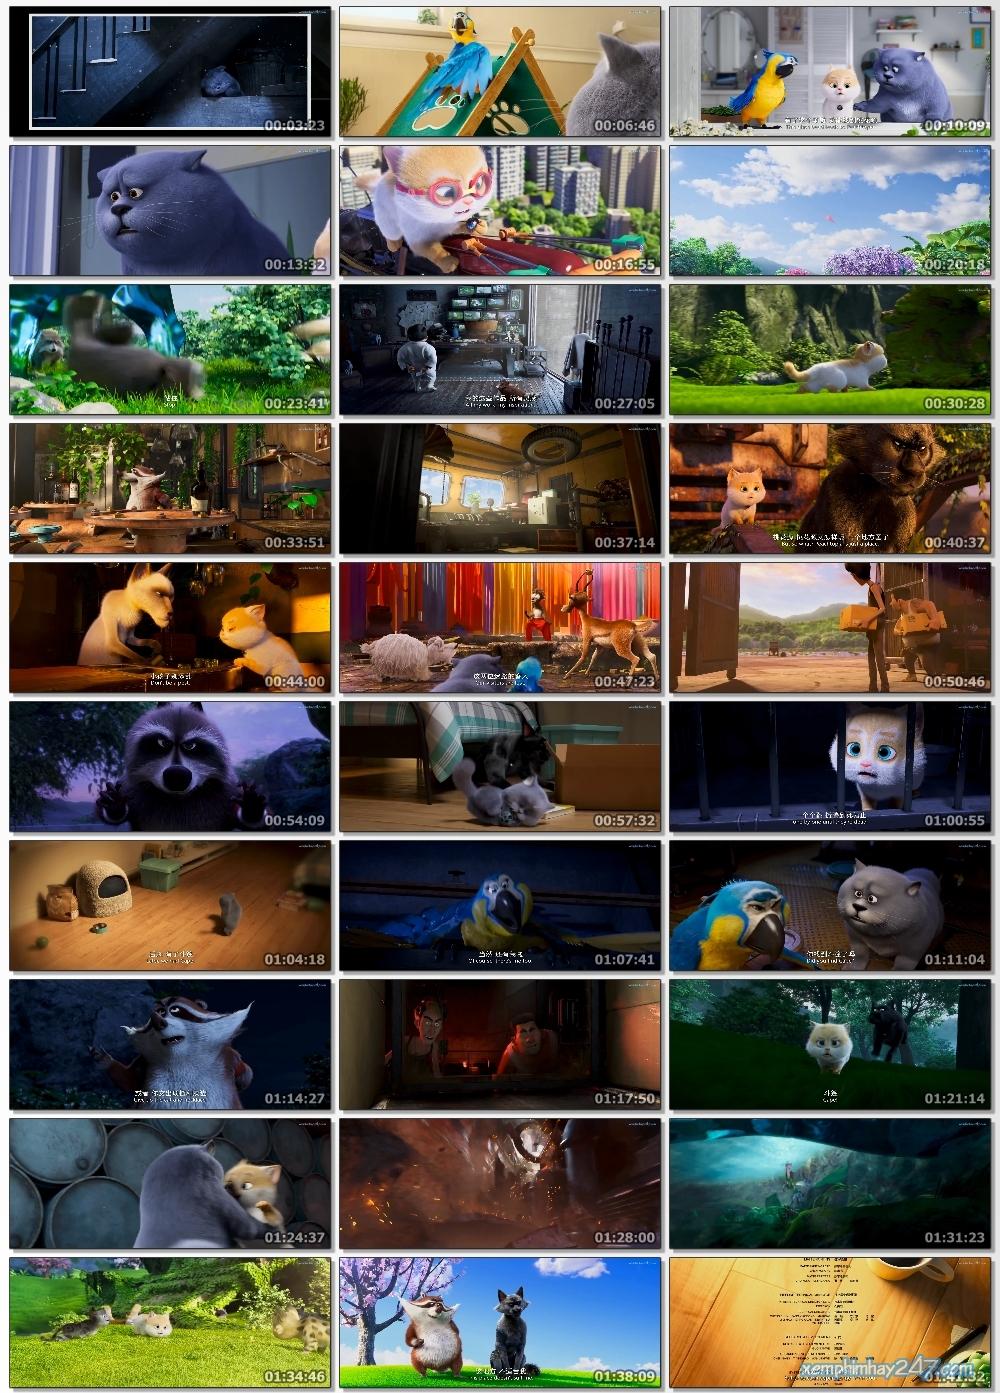 http://xemphimhay247.com - Xem phim hay 247 - Mèo Mập Đi Phượt (2018) - Cats And Peachtopia (2018)